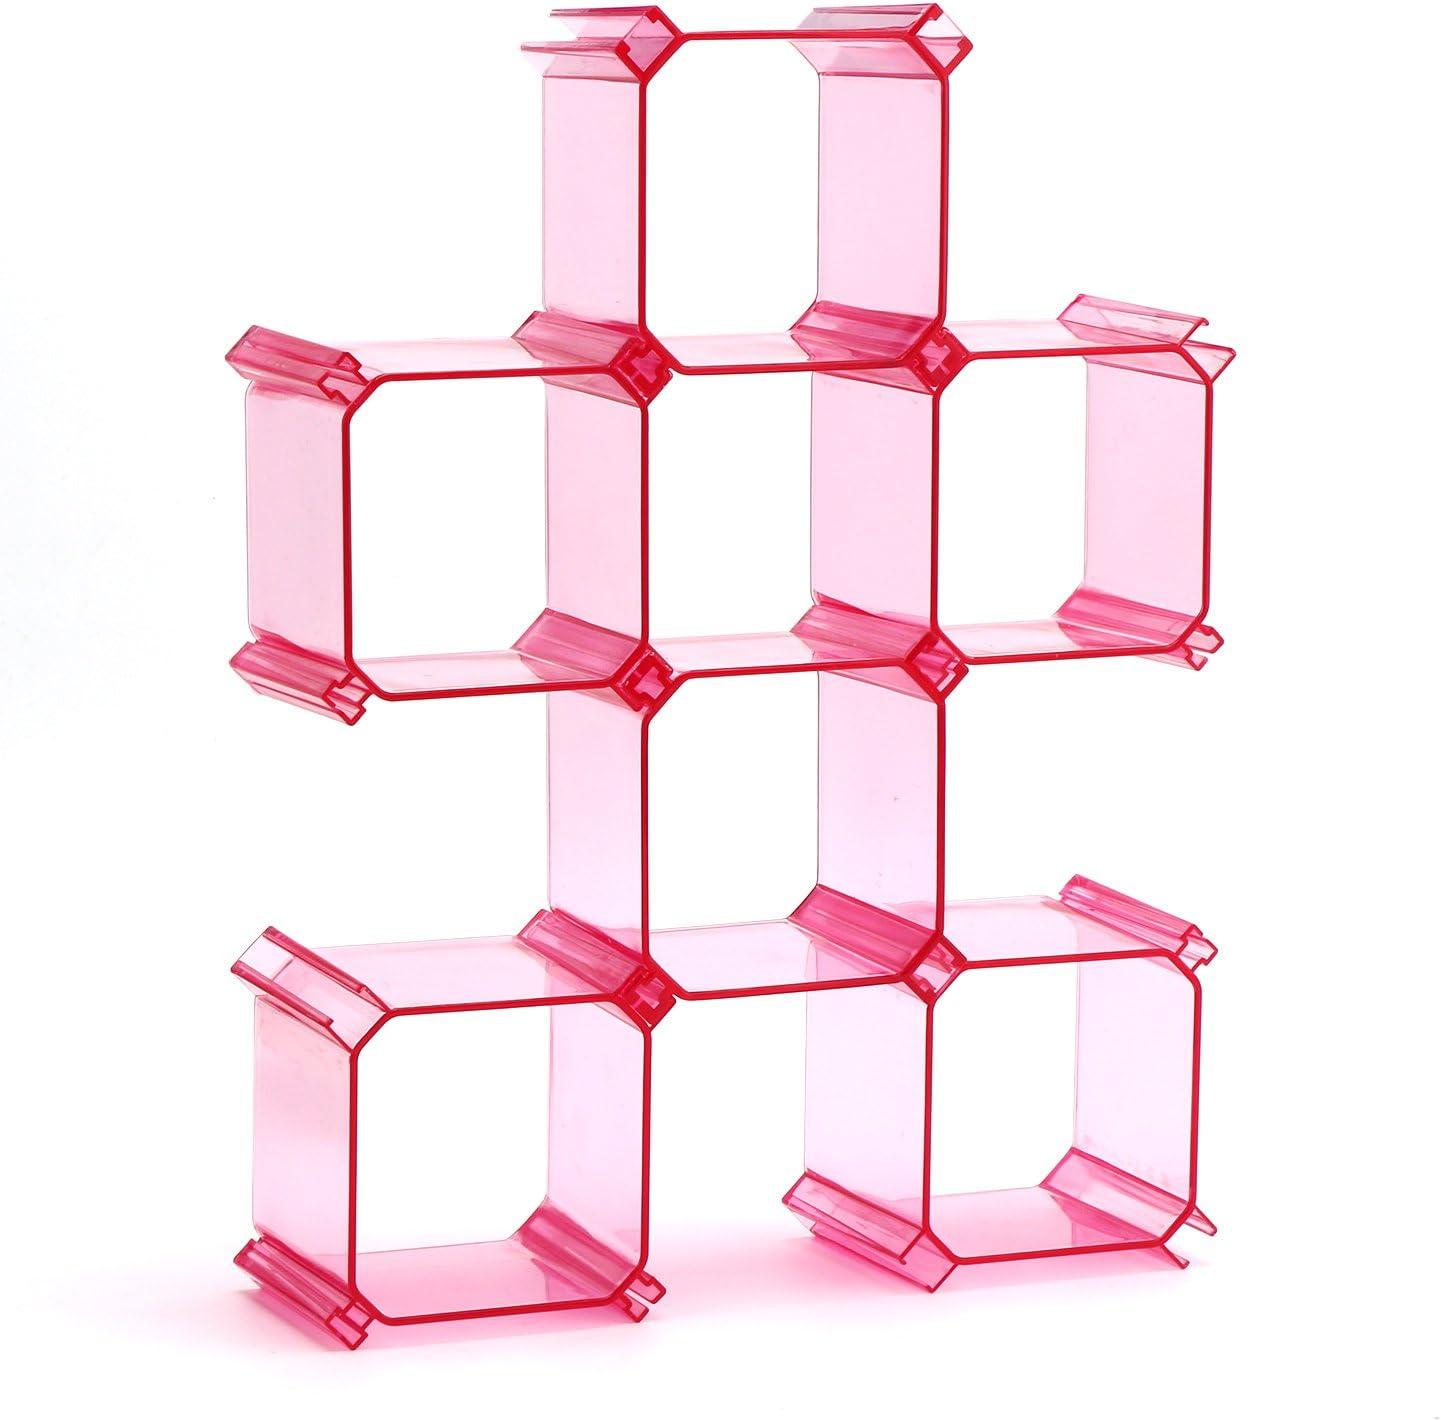 Segbeauty® Divisores de Cajones de Plástico, 6 Rejillas ...